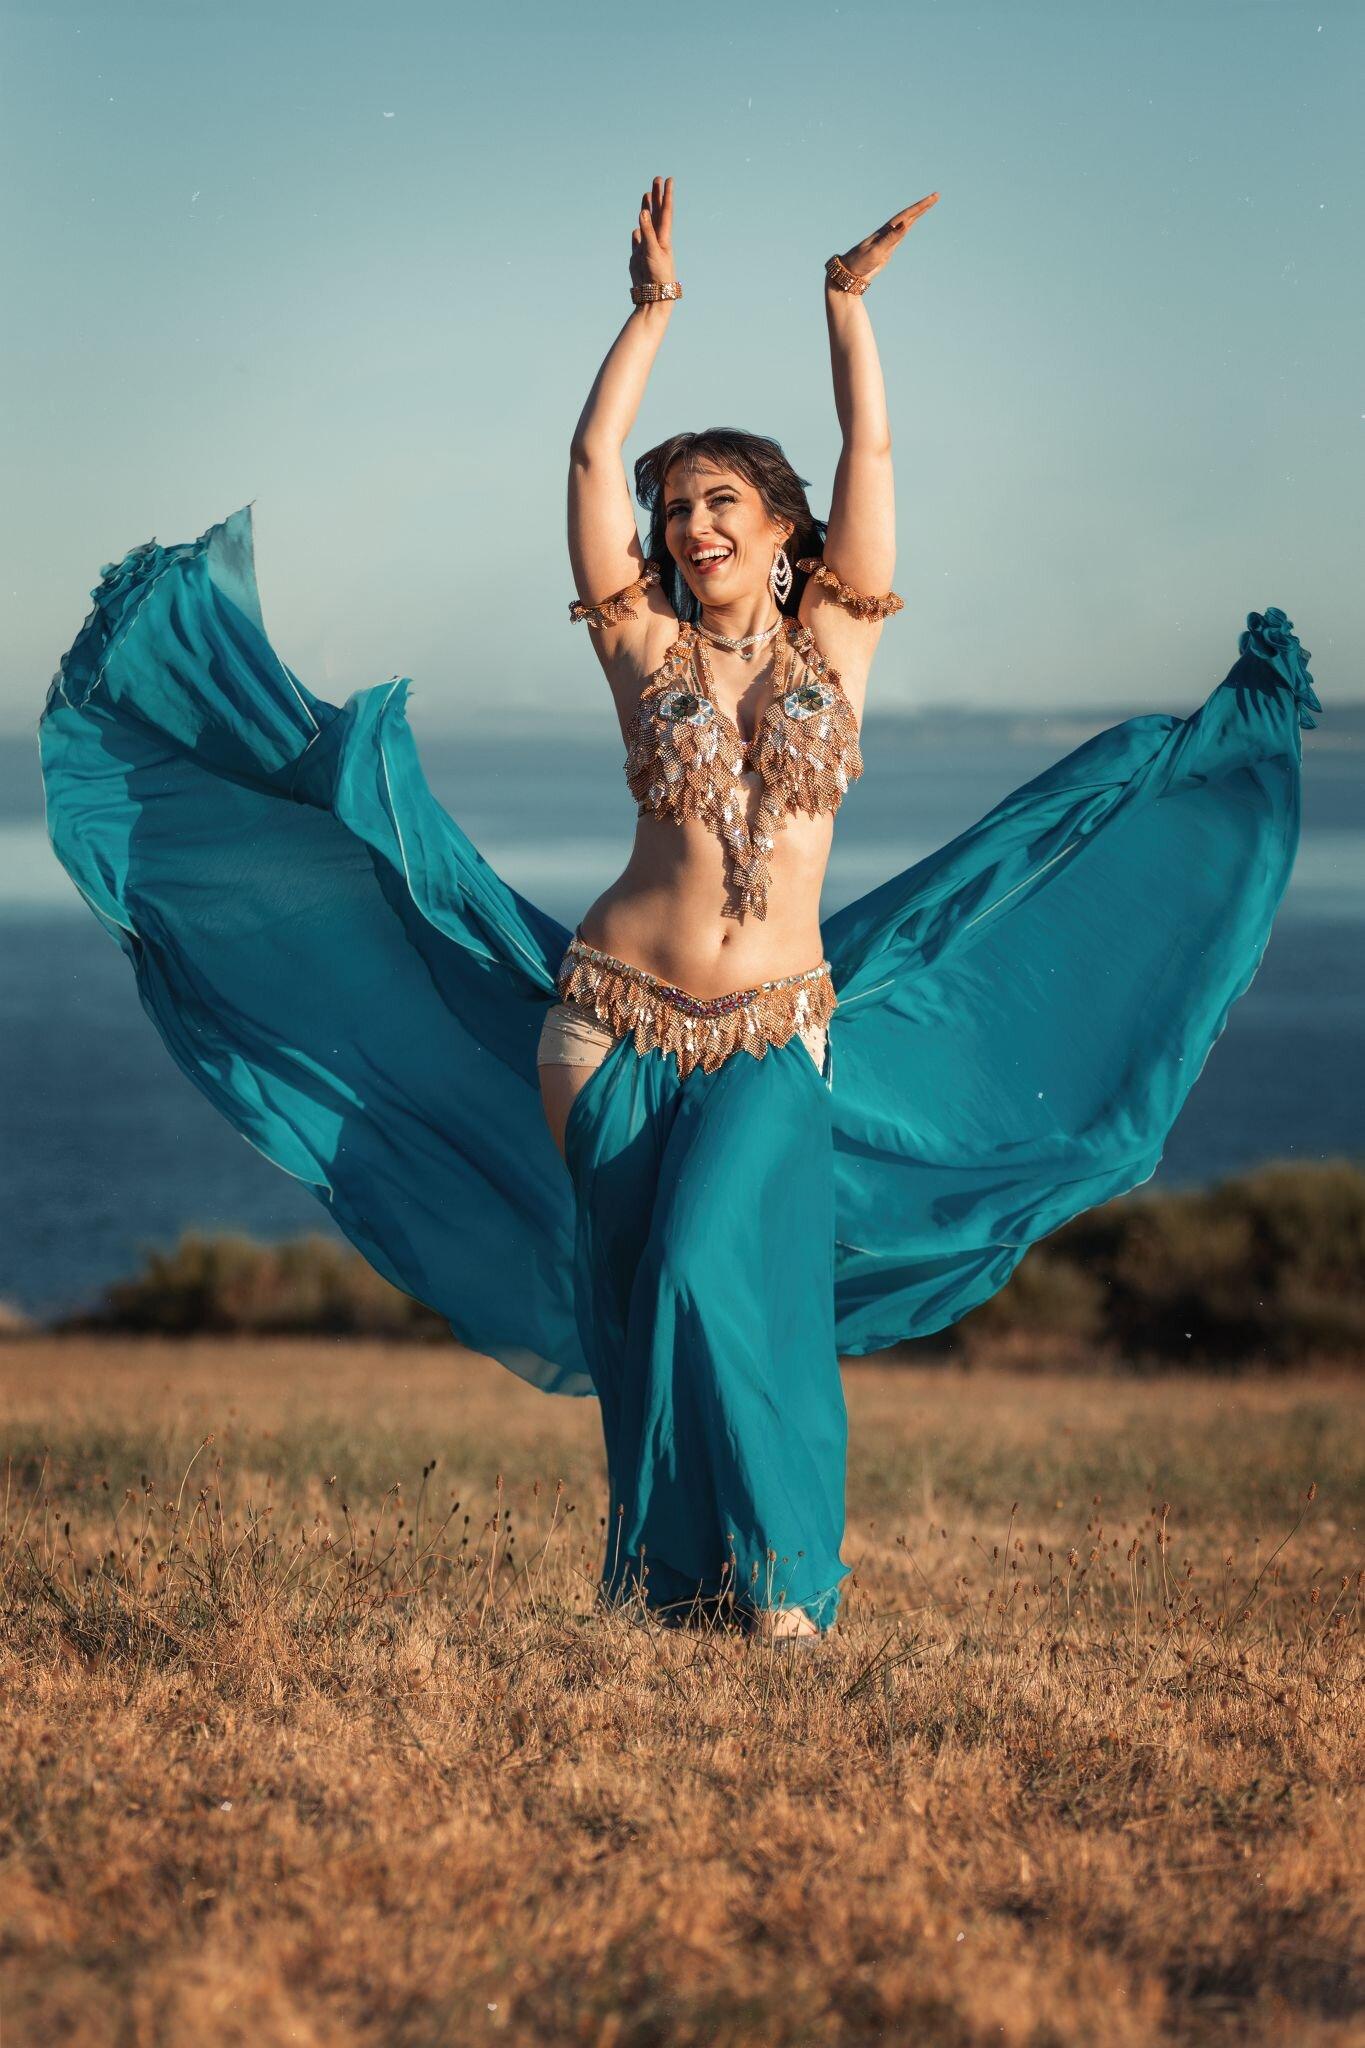 Gaun Dansa dan Menari Paling Populer di Dunia Saat Ini